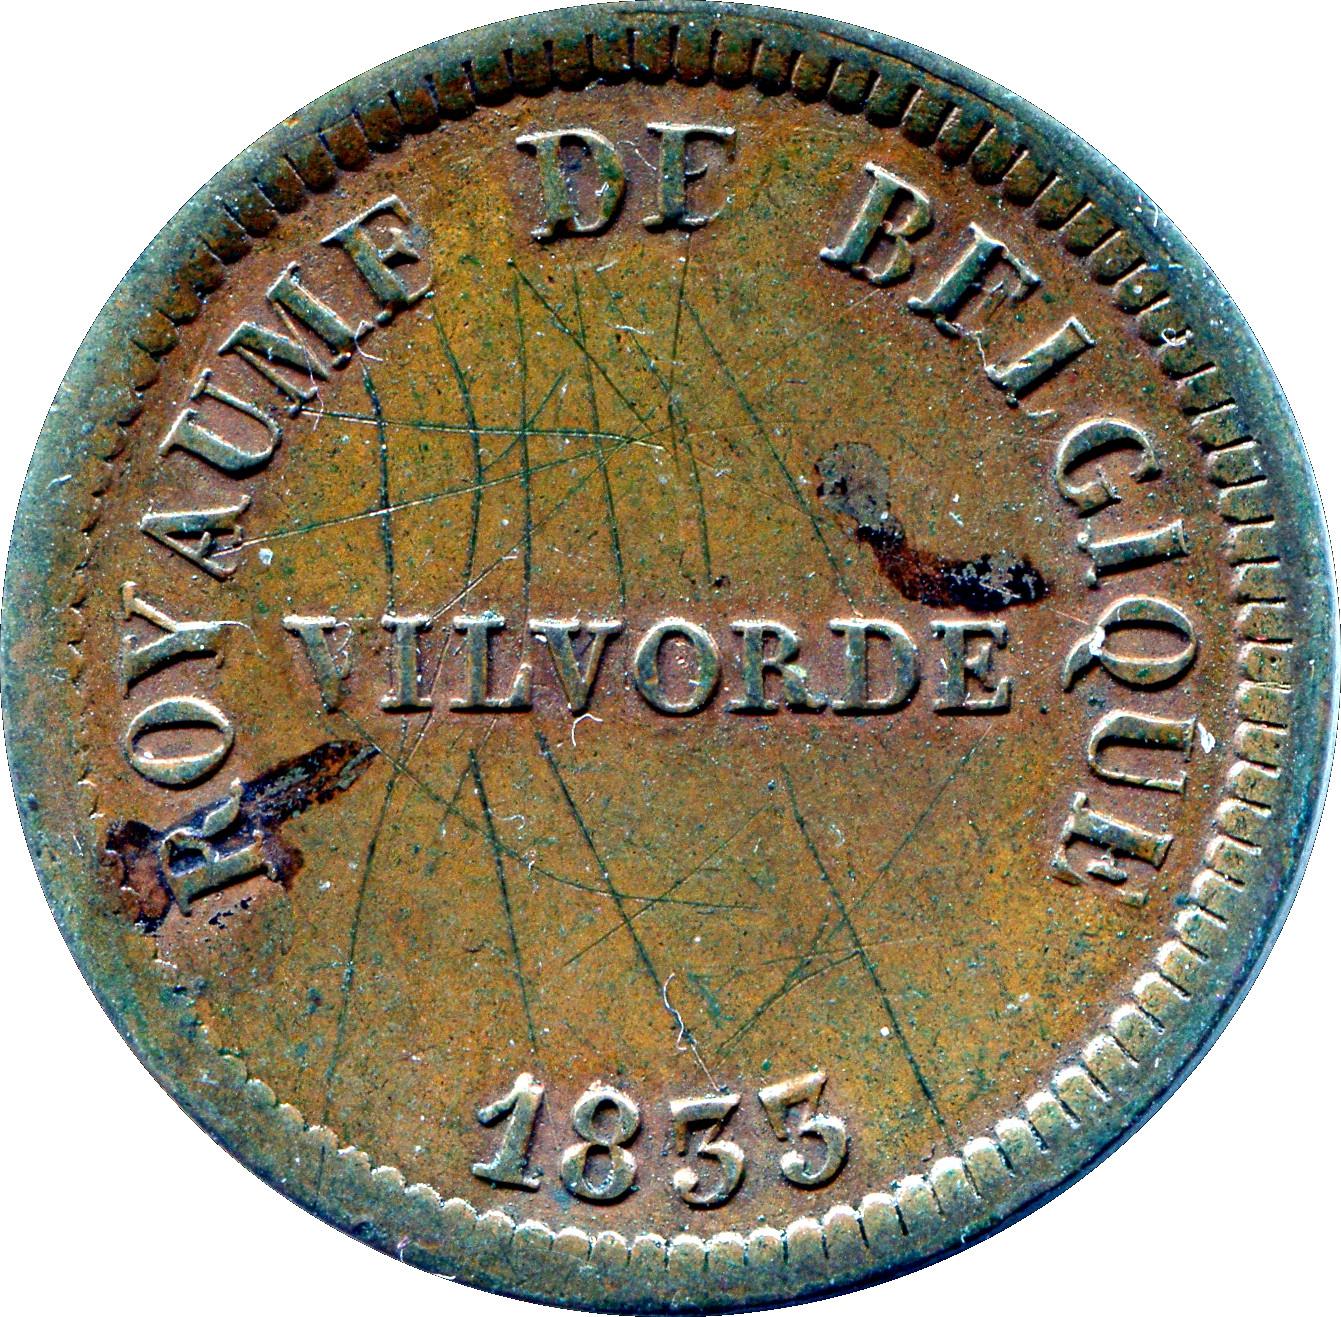 25 Centimes - Monnaie Fictive (Velvorde, Monnaie pour Monnaie Fictive